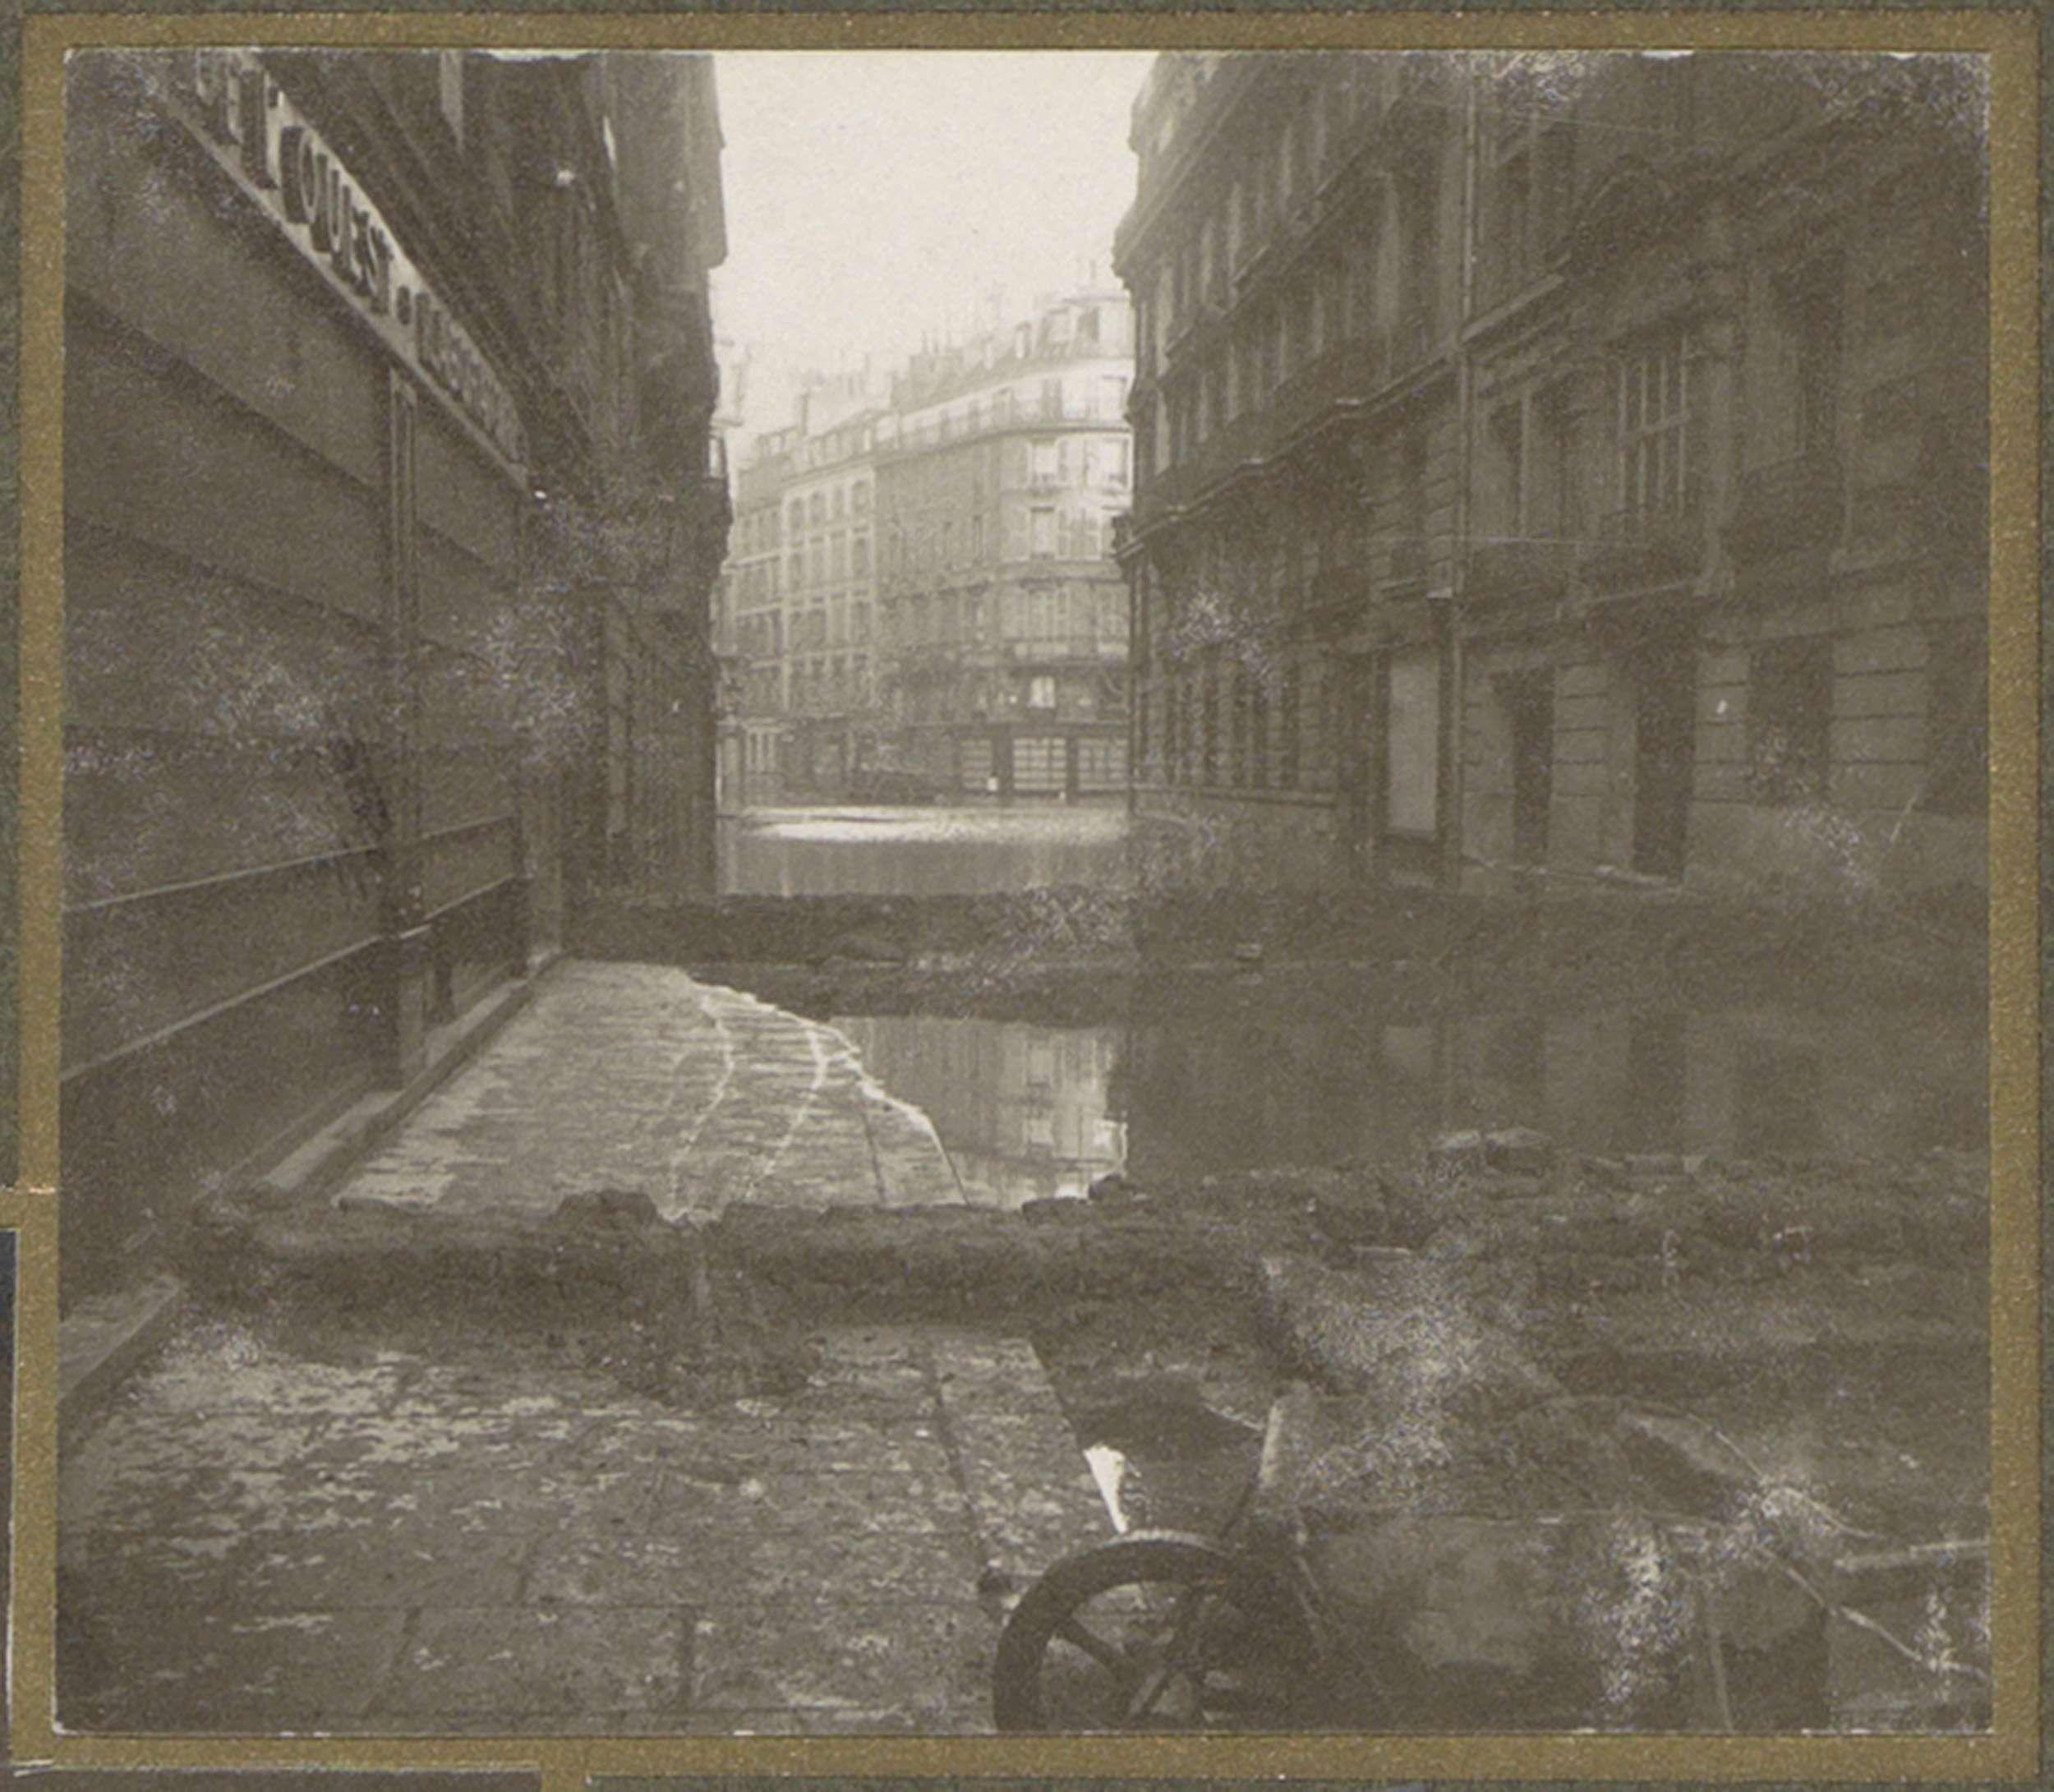 G. Dangereux | Ondergelopen straat met dammen en een kruiwagen, G. Dangereux, 1910 | Onderdeel van fotoalbum overstroming Parijs en voorsteden 1910.